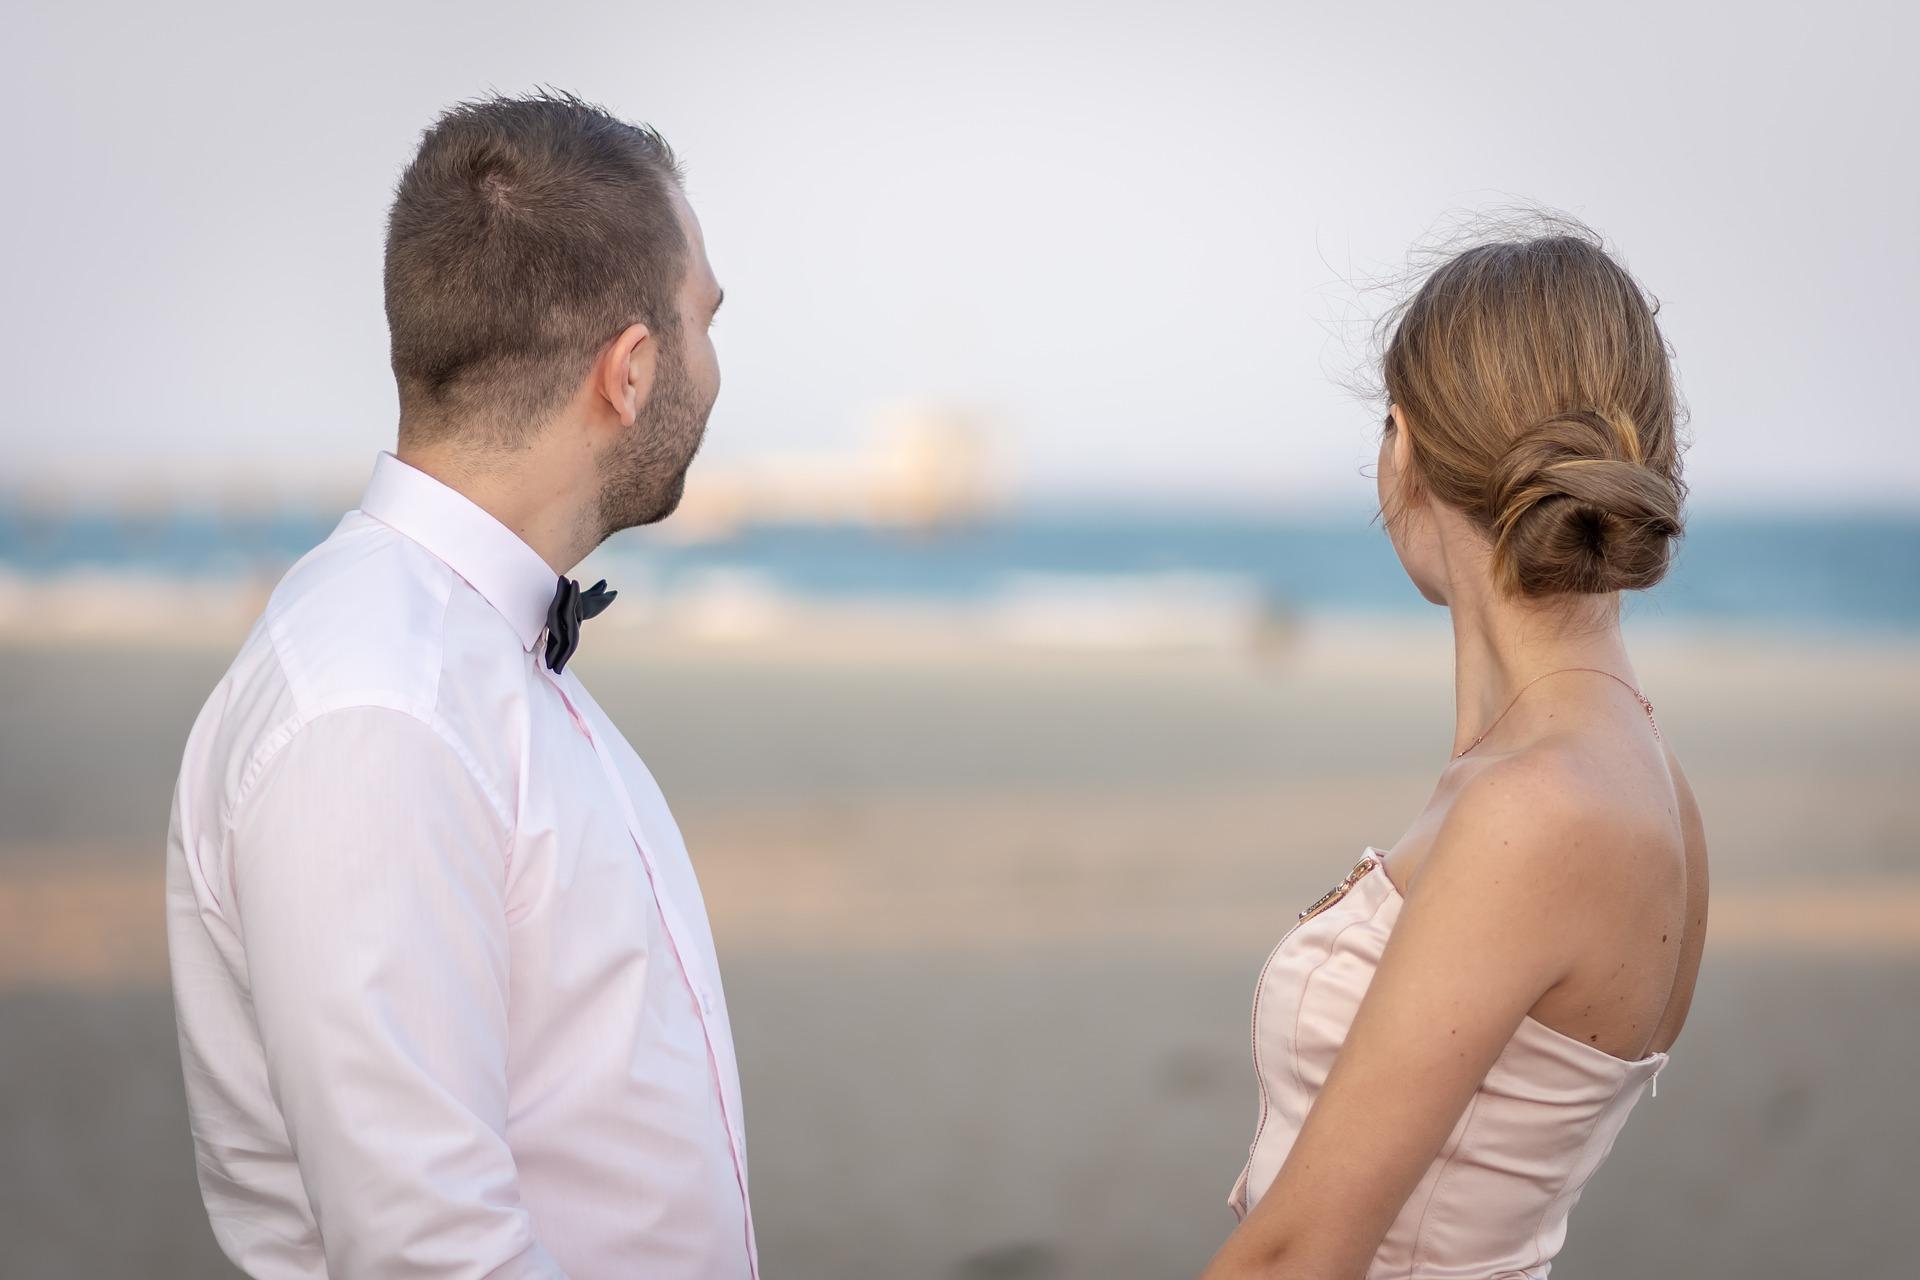 психология мужчины в отношениях с любовницей